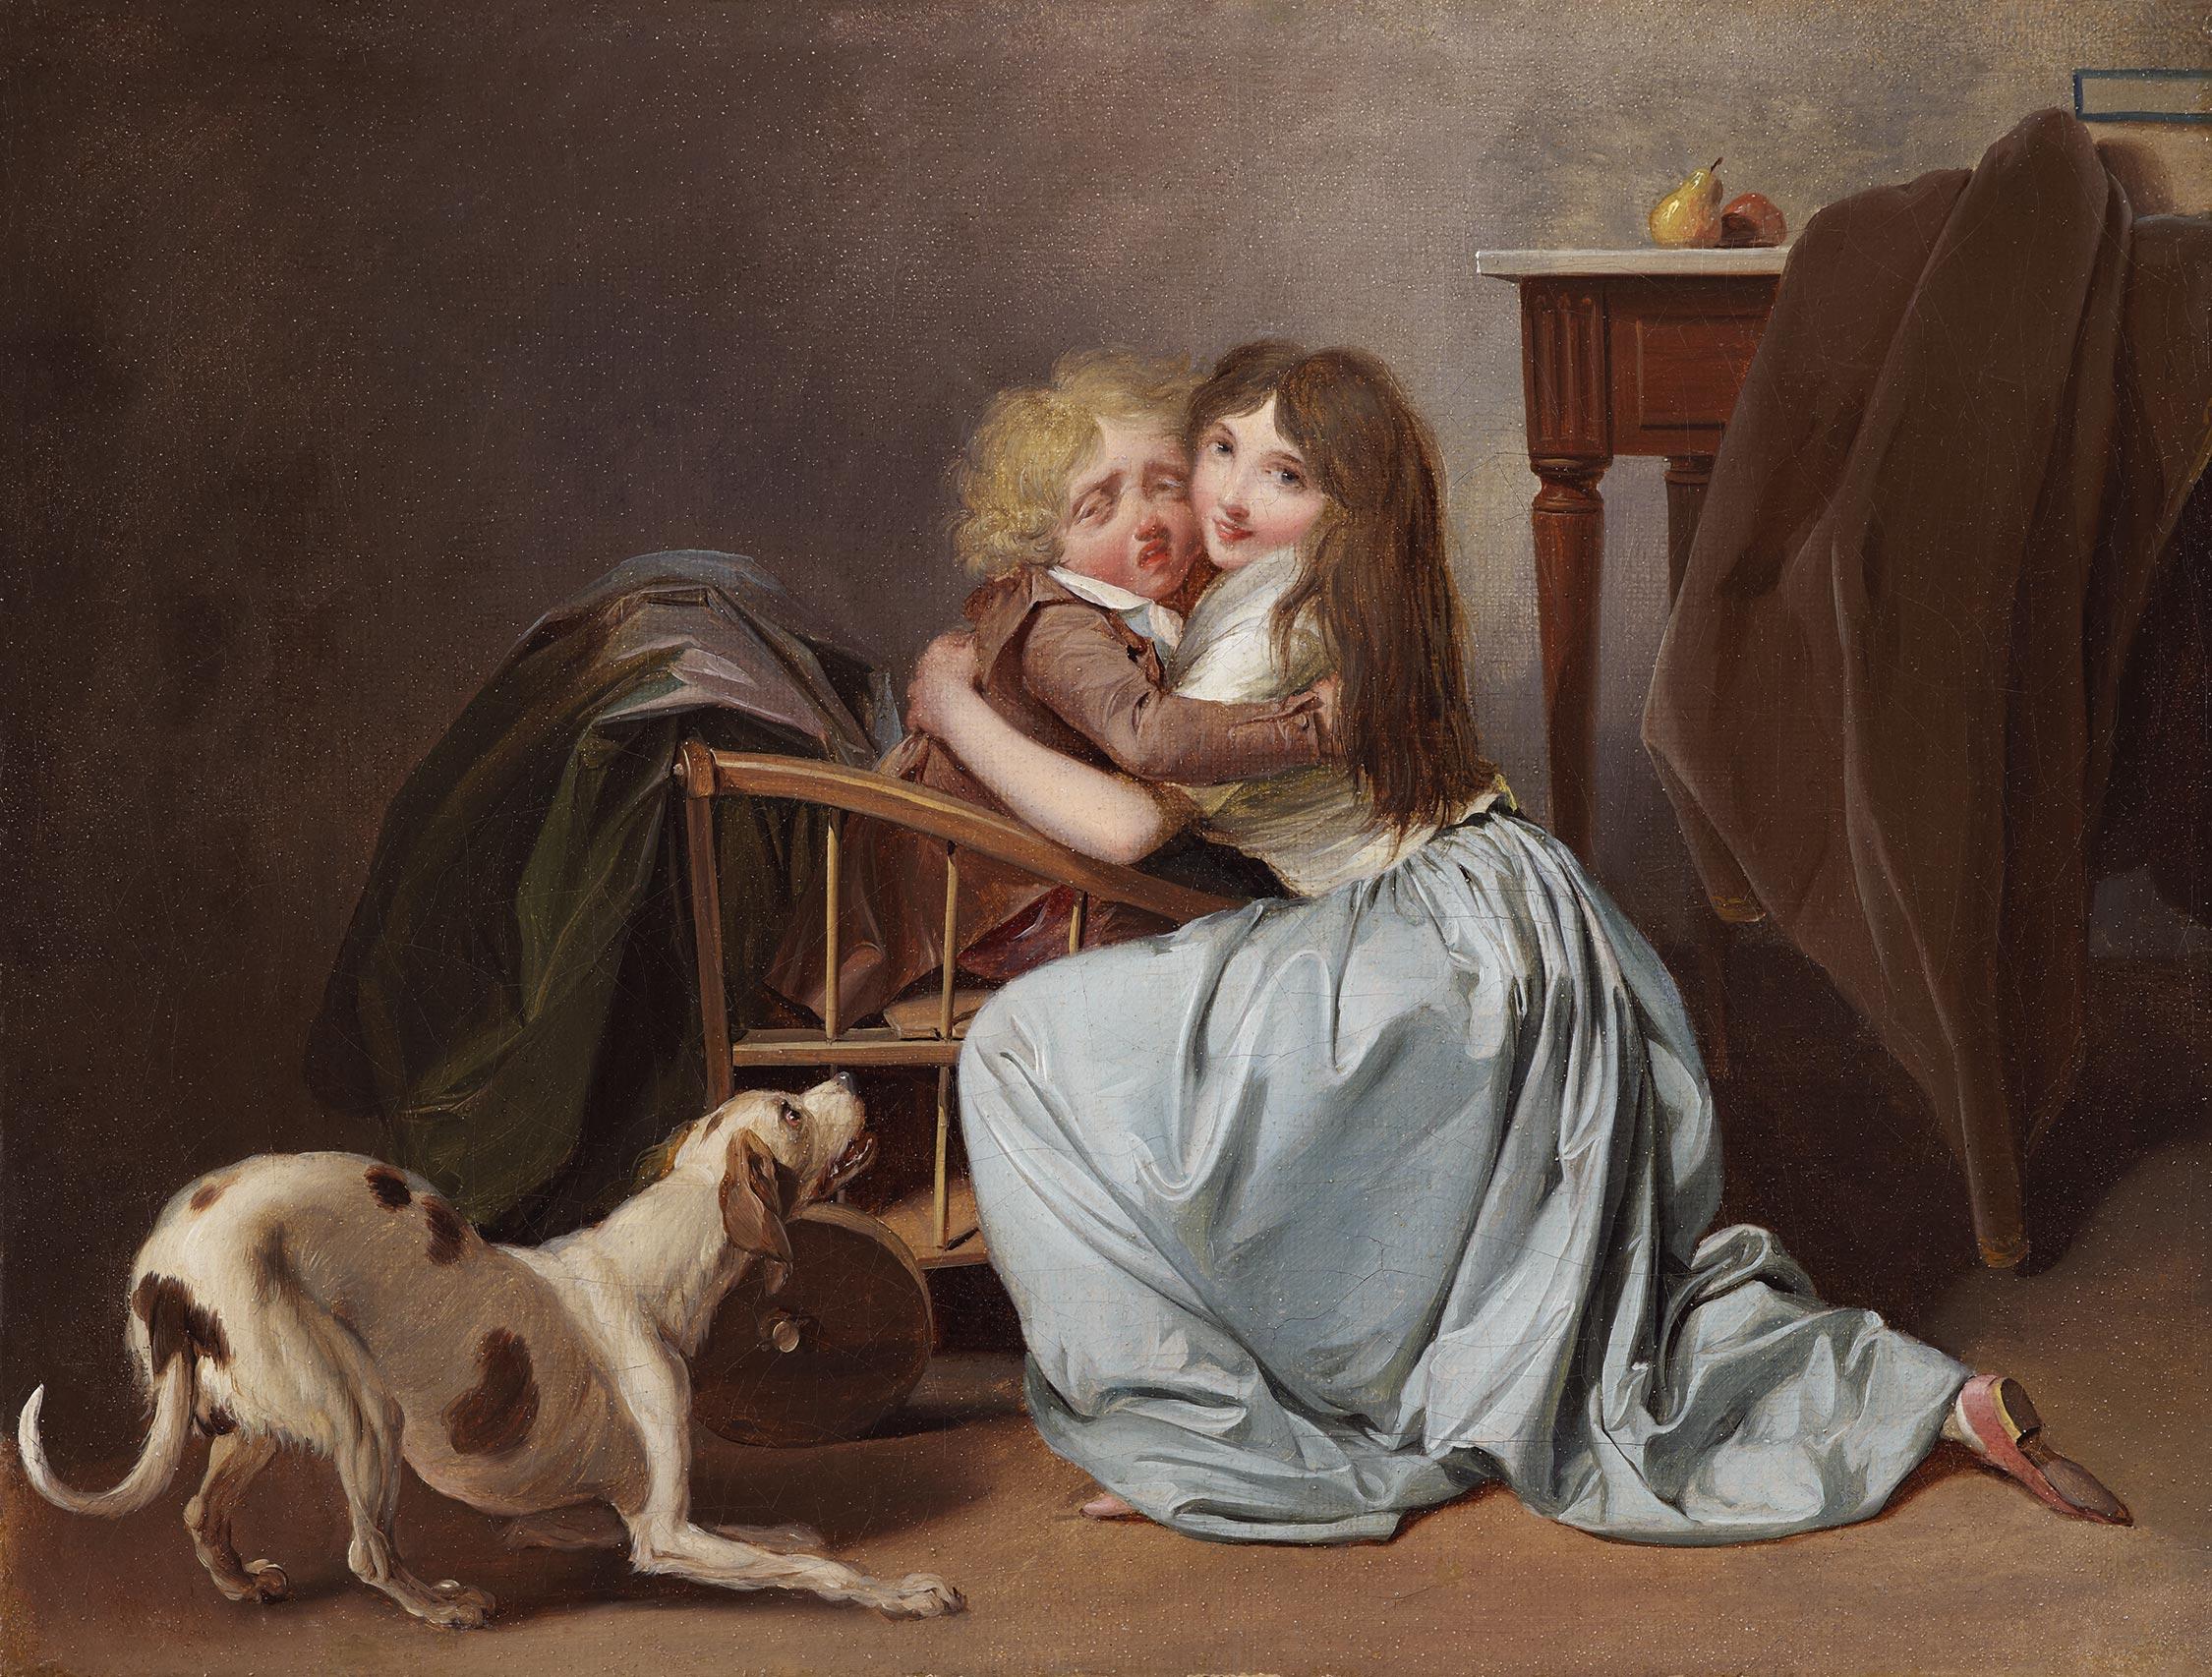 boilly 1785 ca La crainte mal fondee coll part